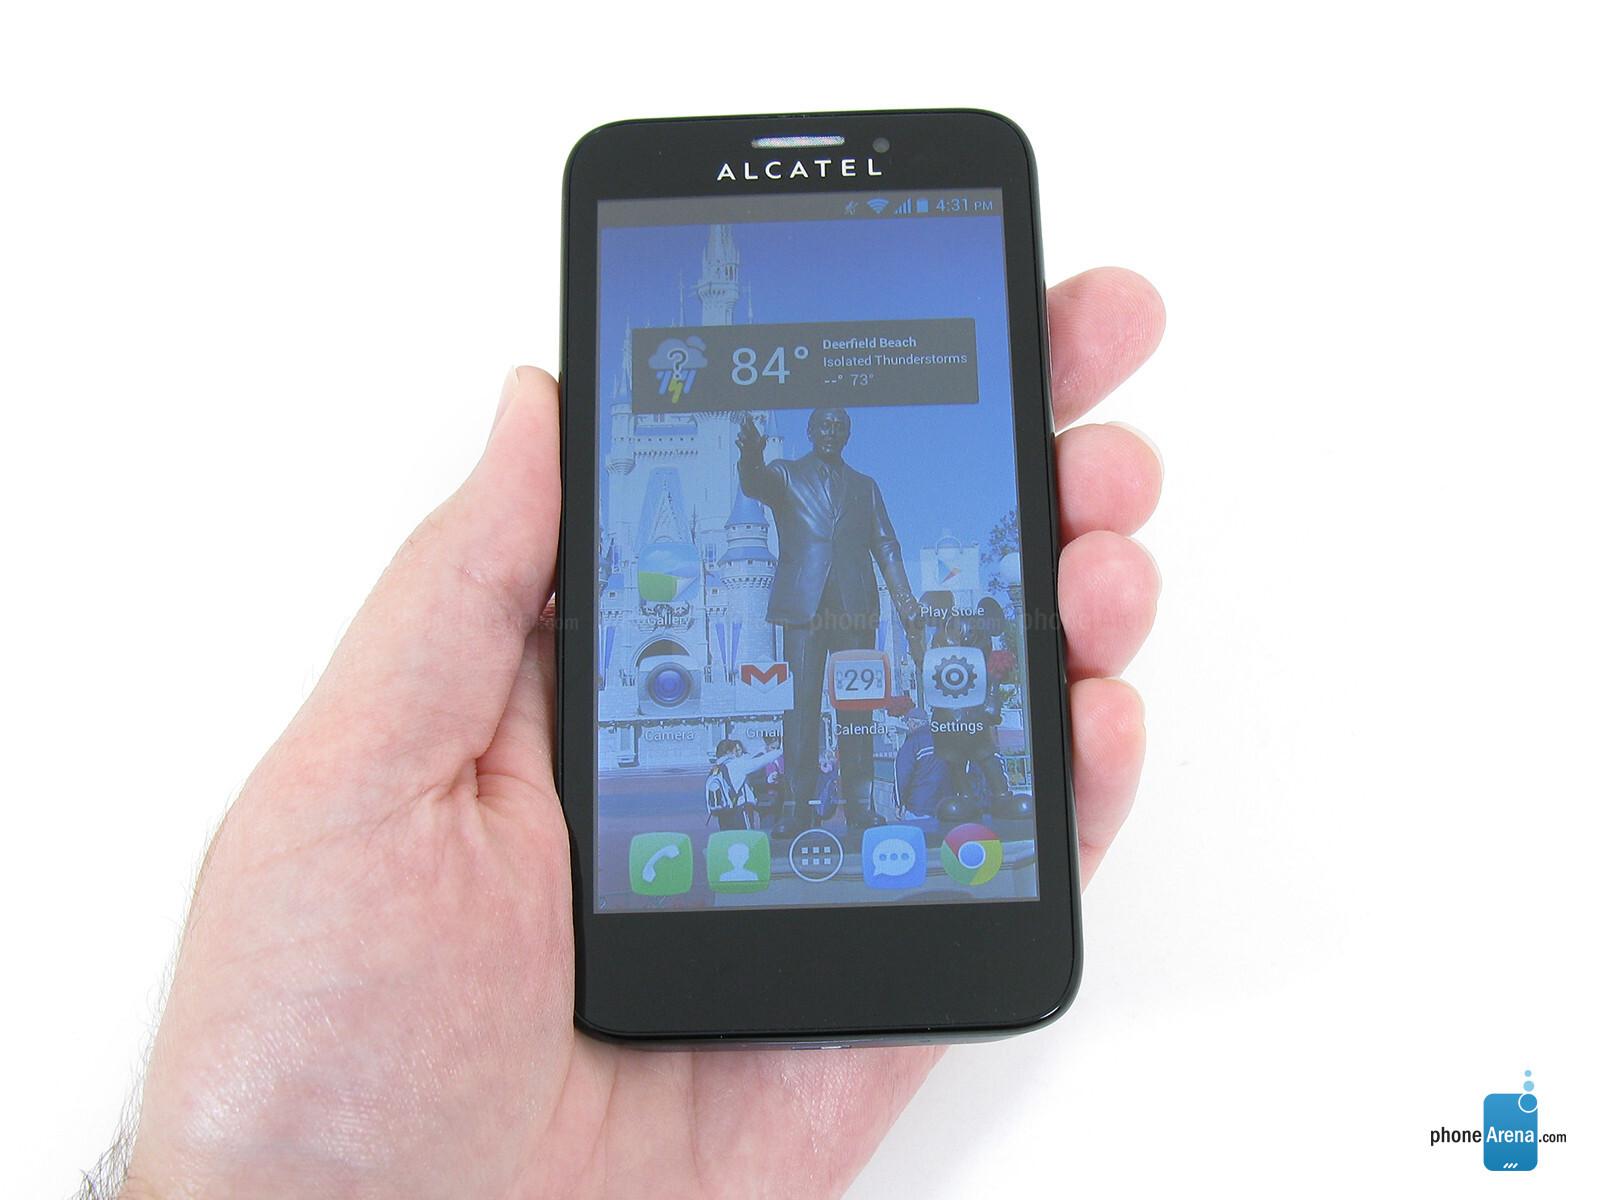 Как сделать фото экрана на телефоне алкатель